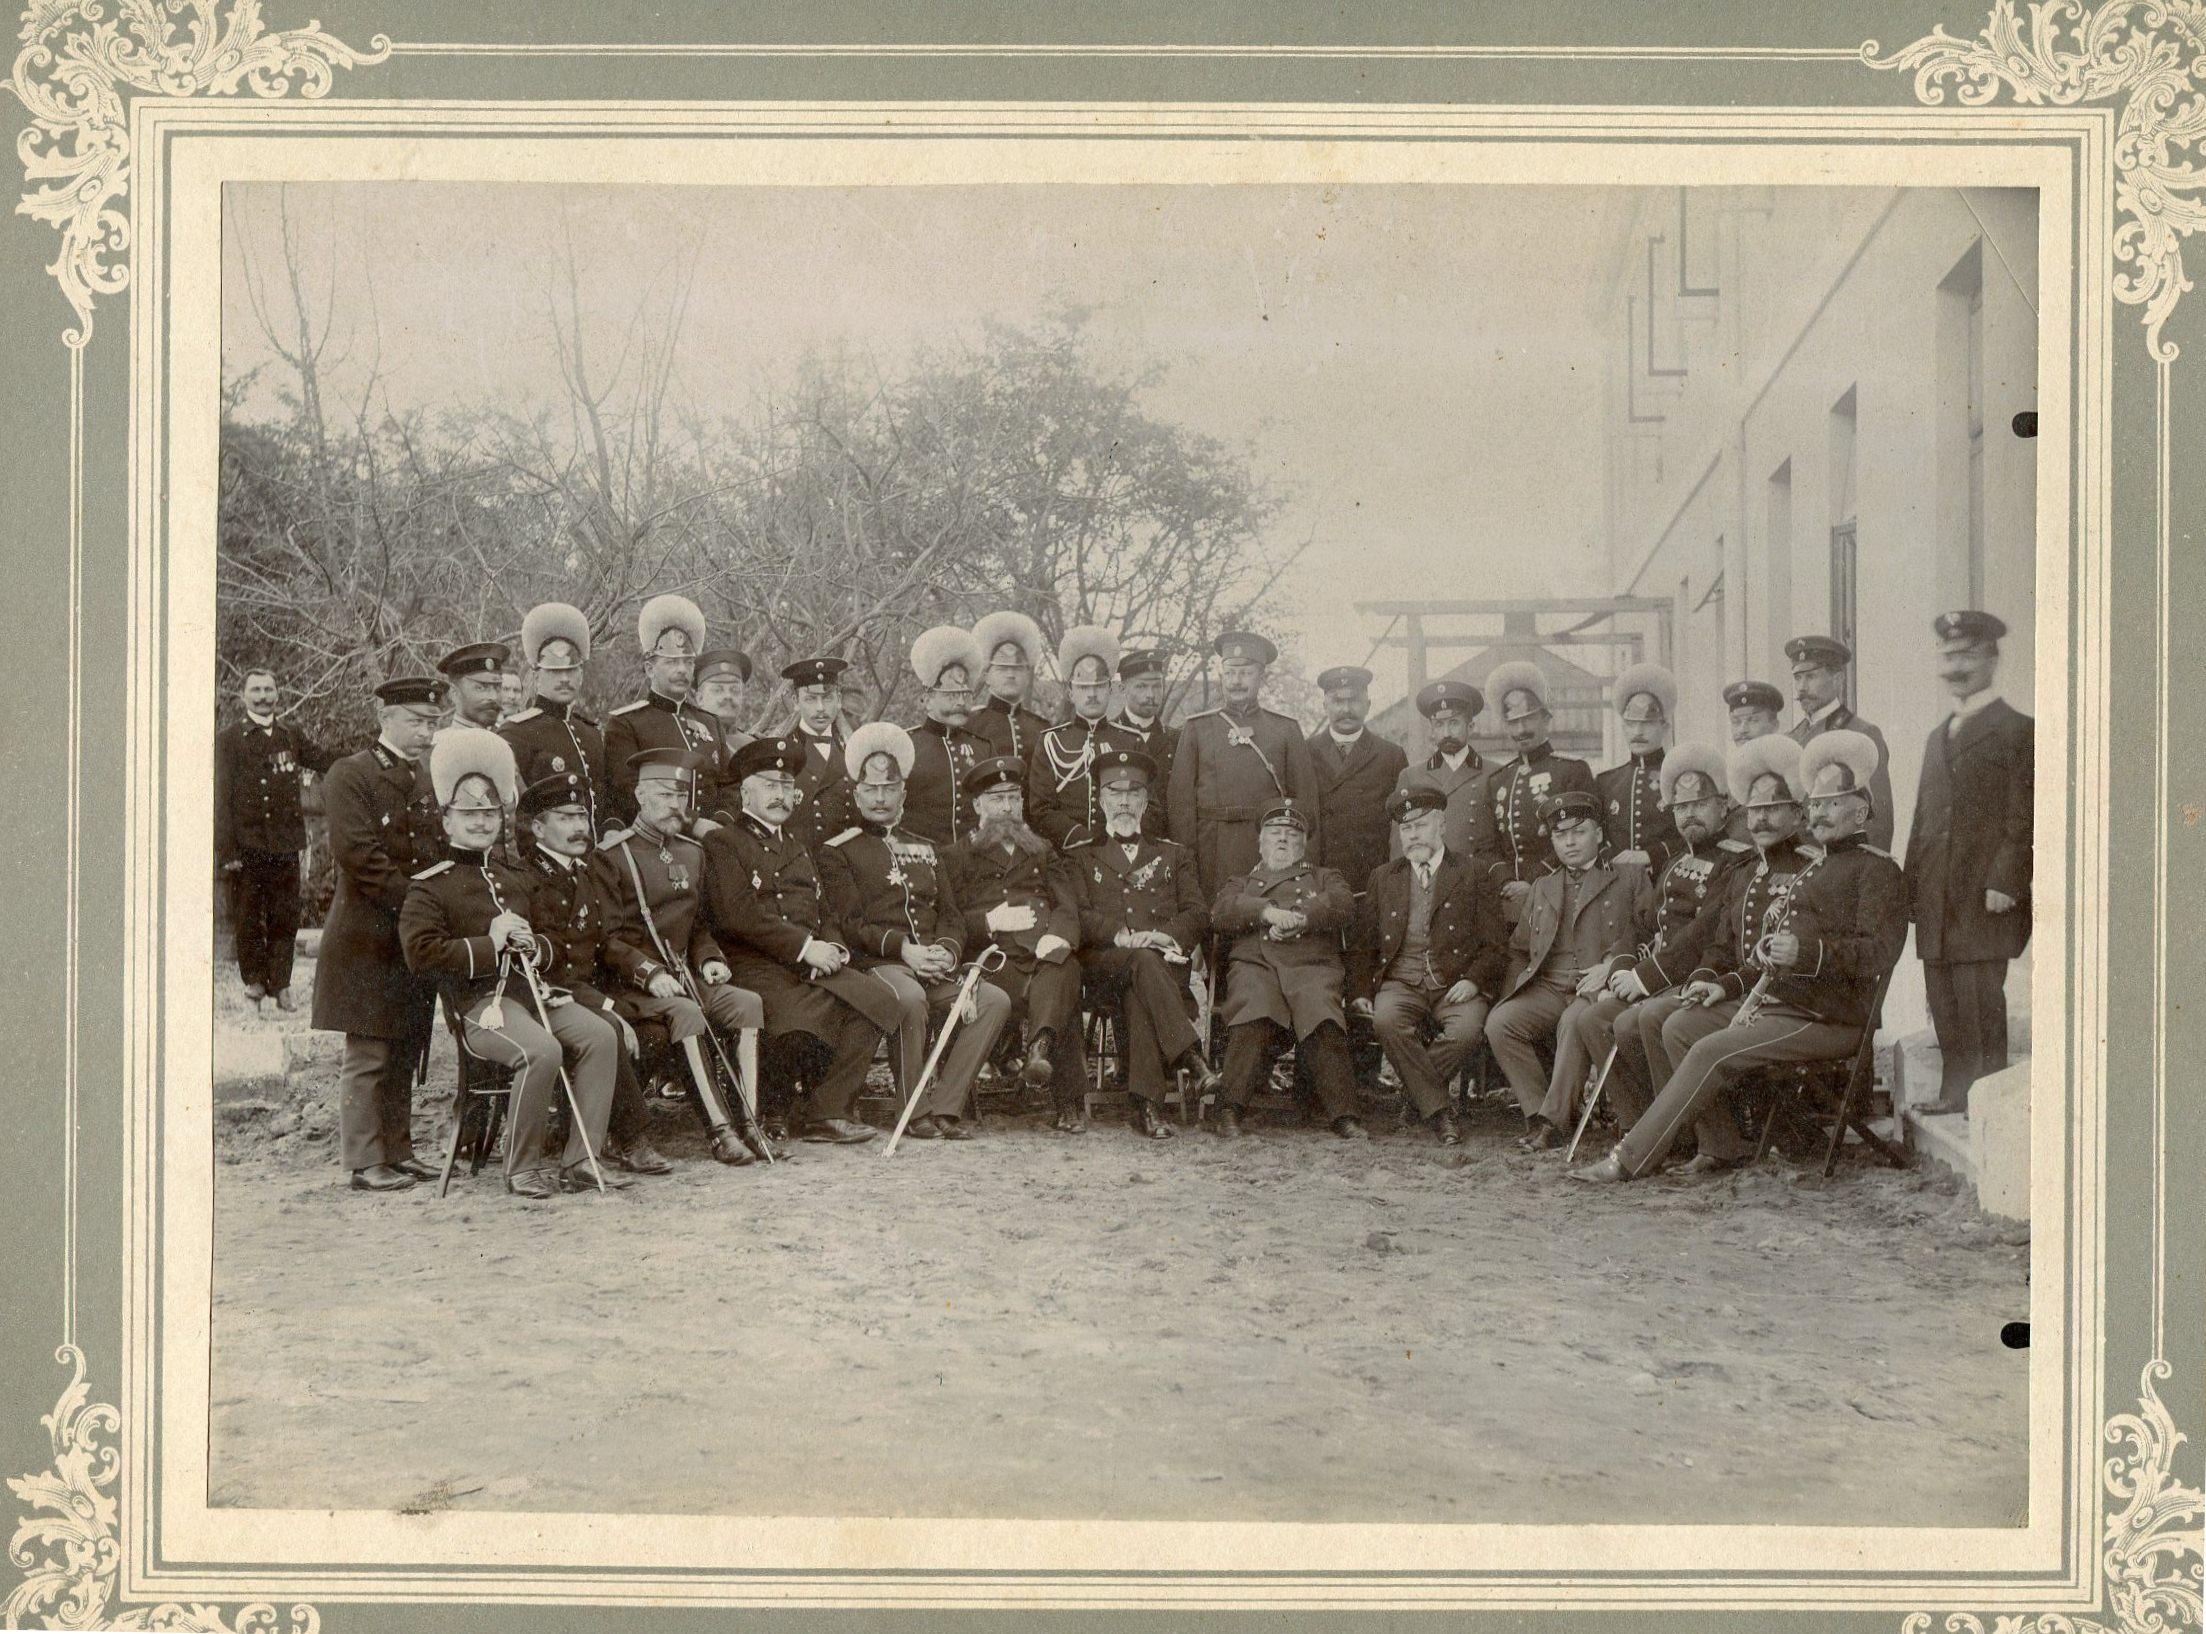 Фотография группы чиновников. Фото сделано по случаю освящения здания для Казначейства.